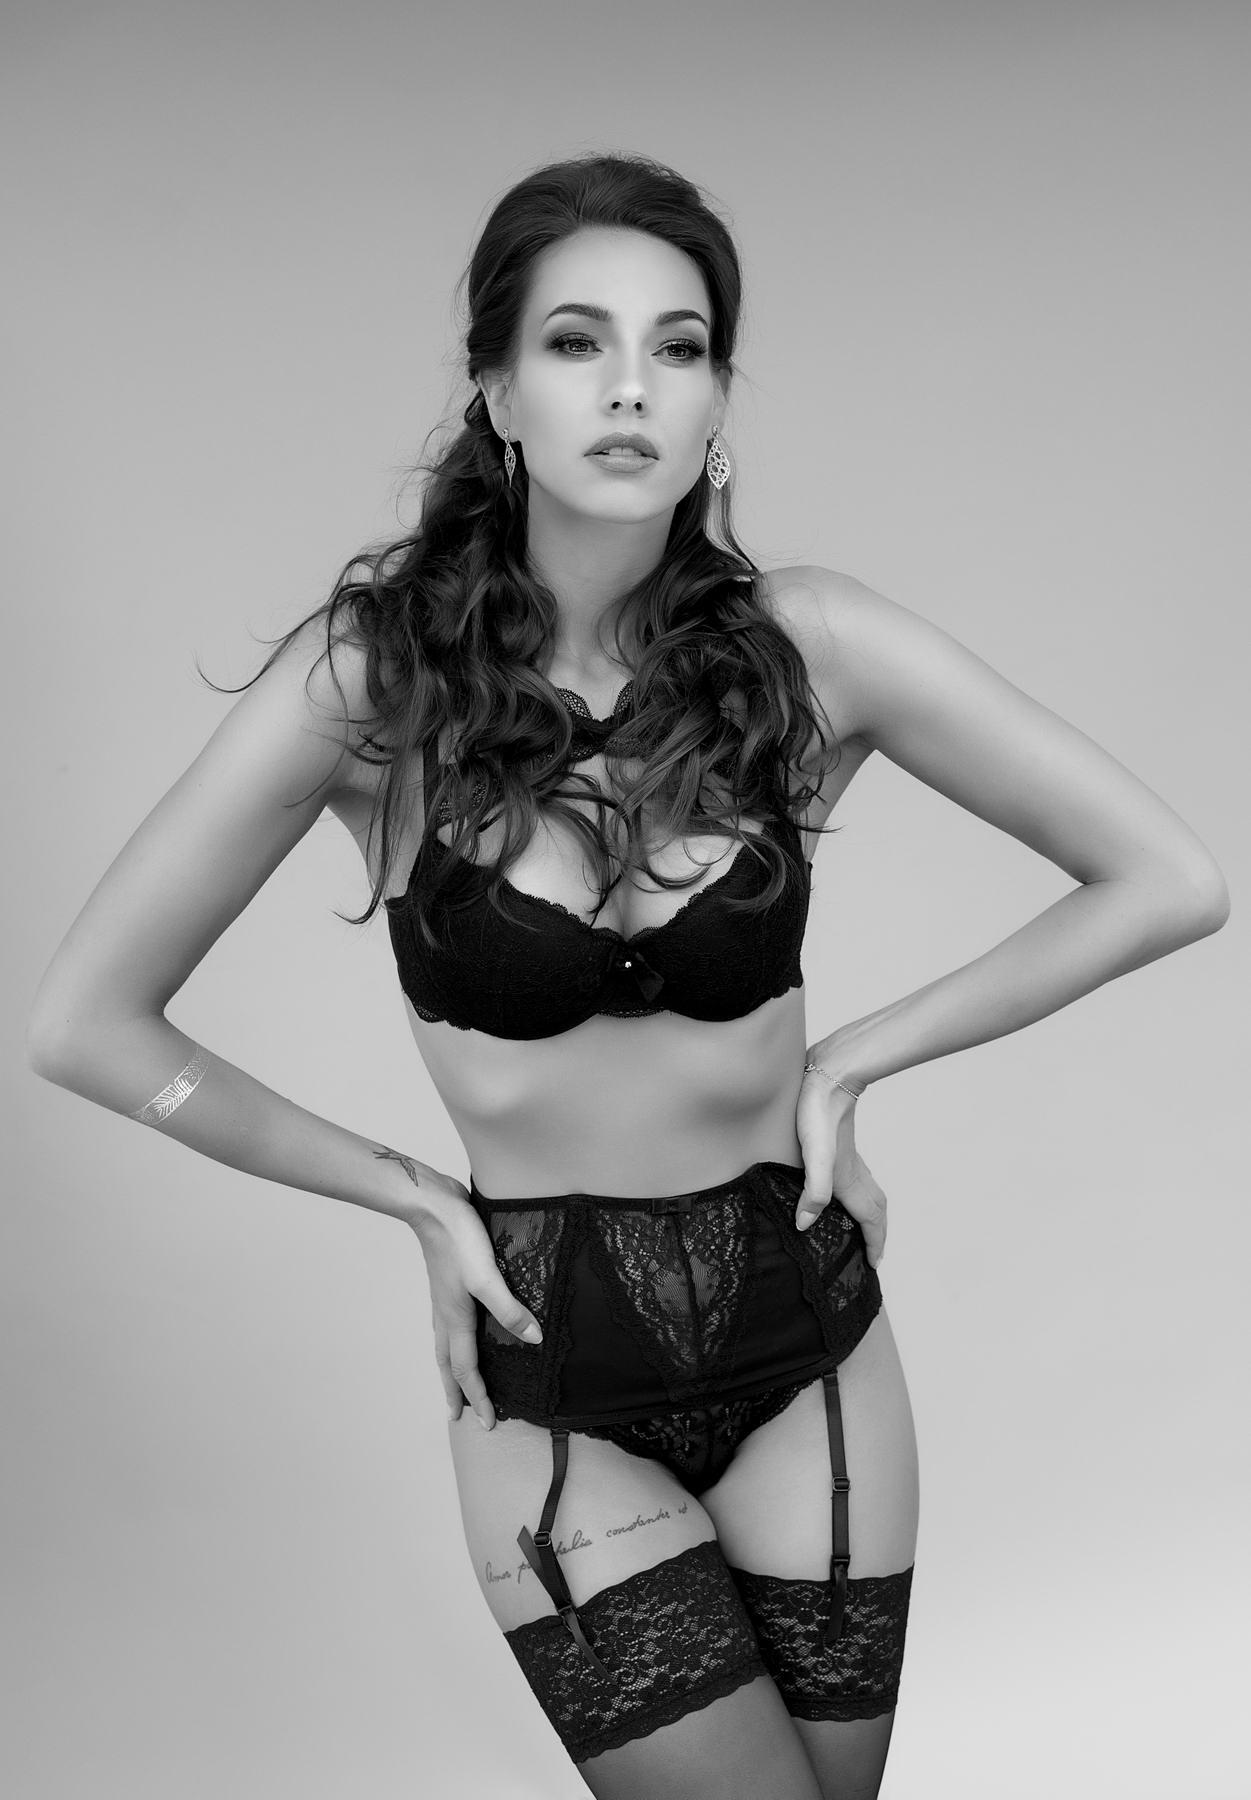 Model Photography by Manfred Baumann 34 - Manfred Baumann